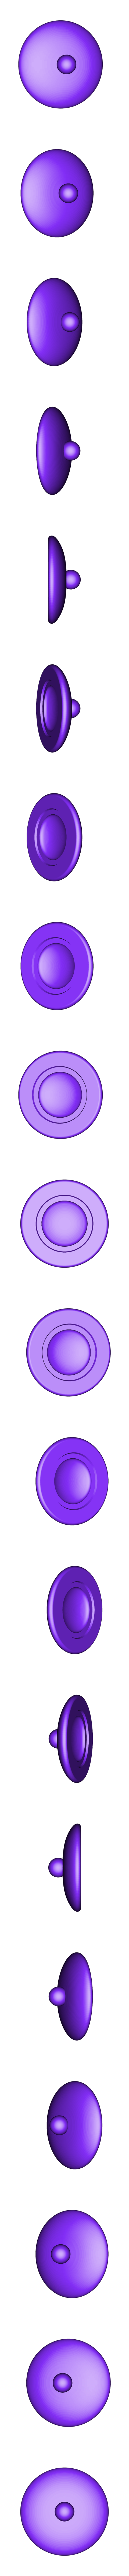 couvercle.stl Télécharger fichier STL gratuit Lanterne lantern • Objet pour imprimante 3D, pinuts31